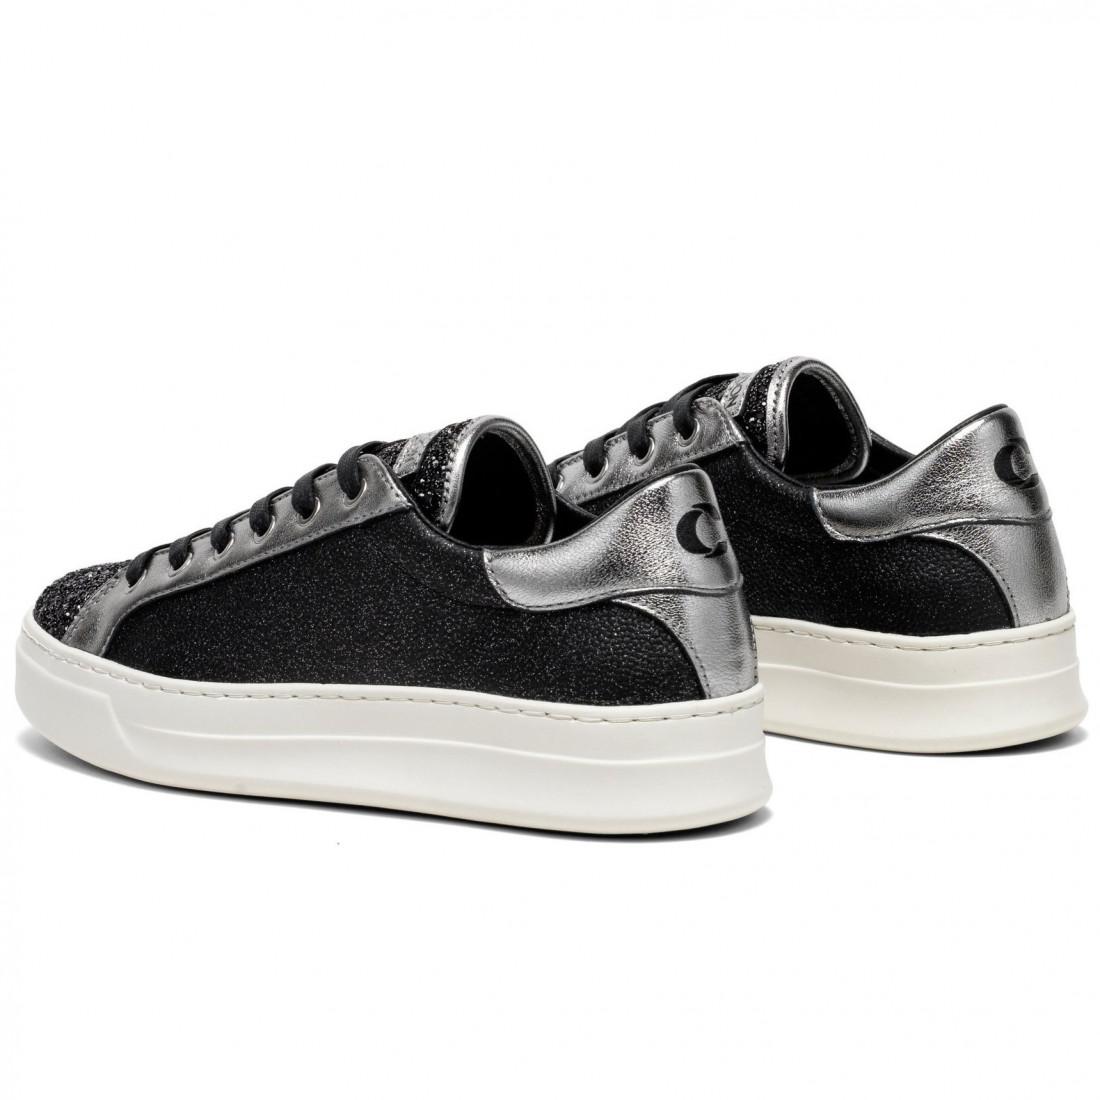 sneakers woman crime london 2580932 dark grey 7727